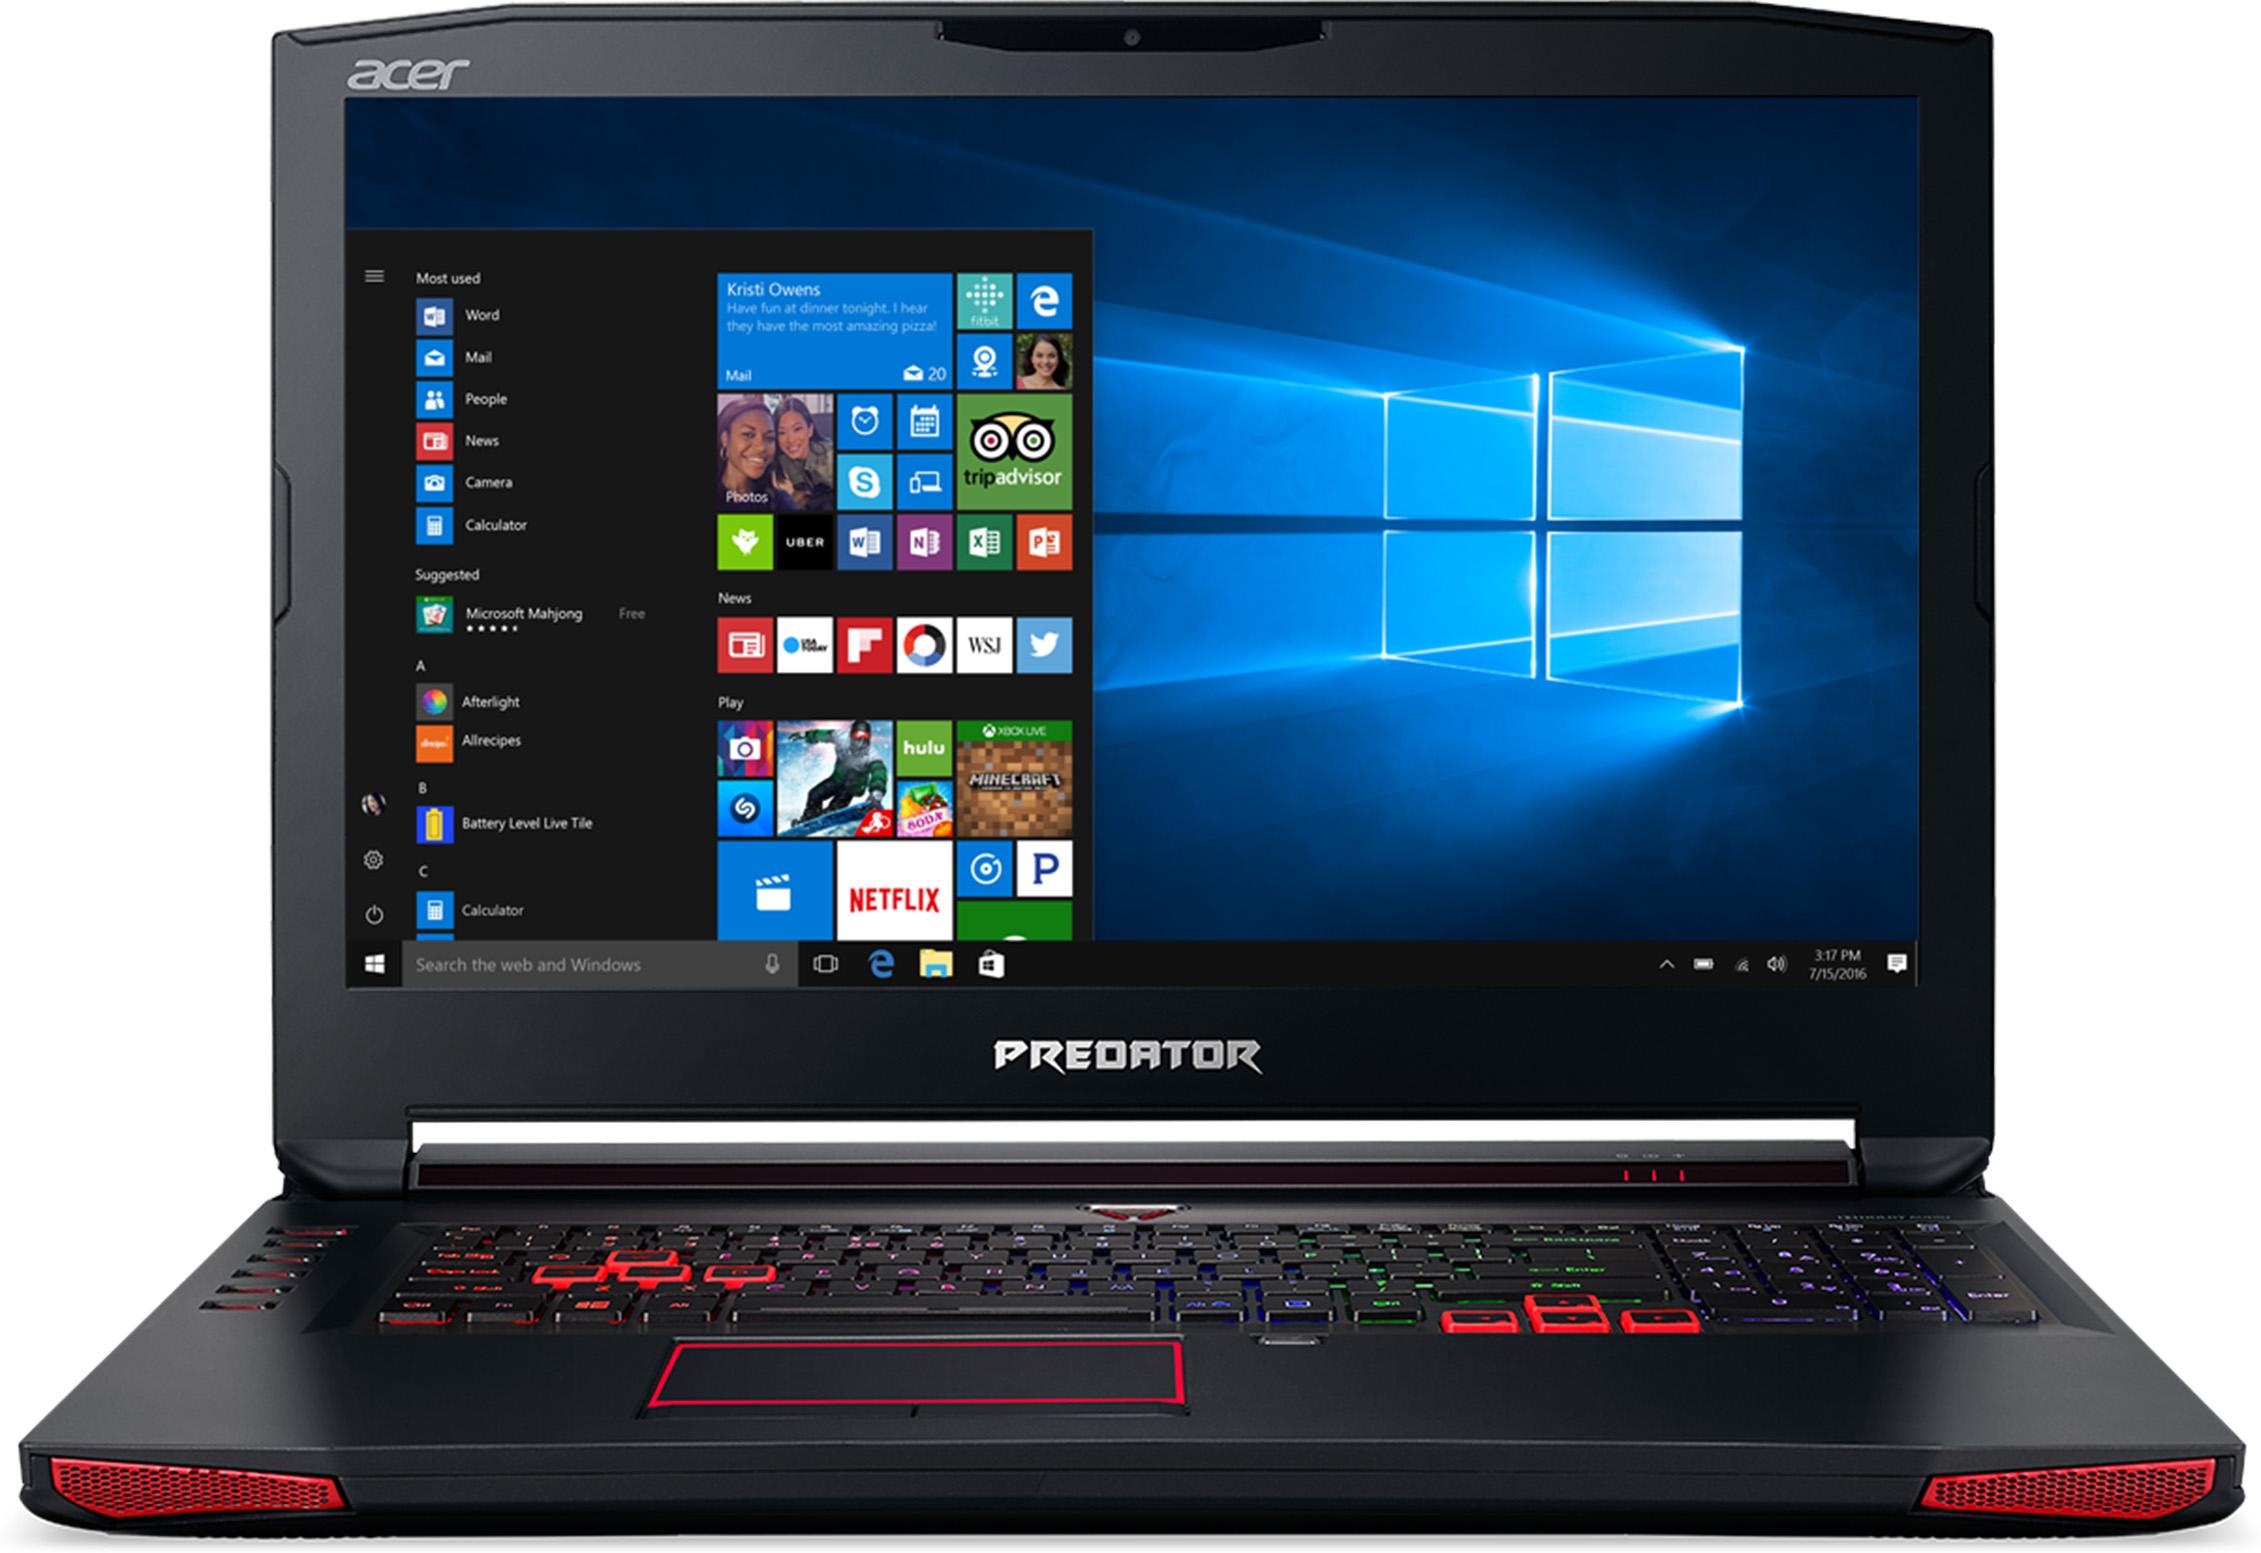 Image result for Acer Predator 17